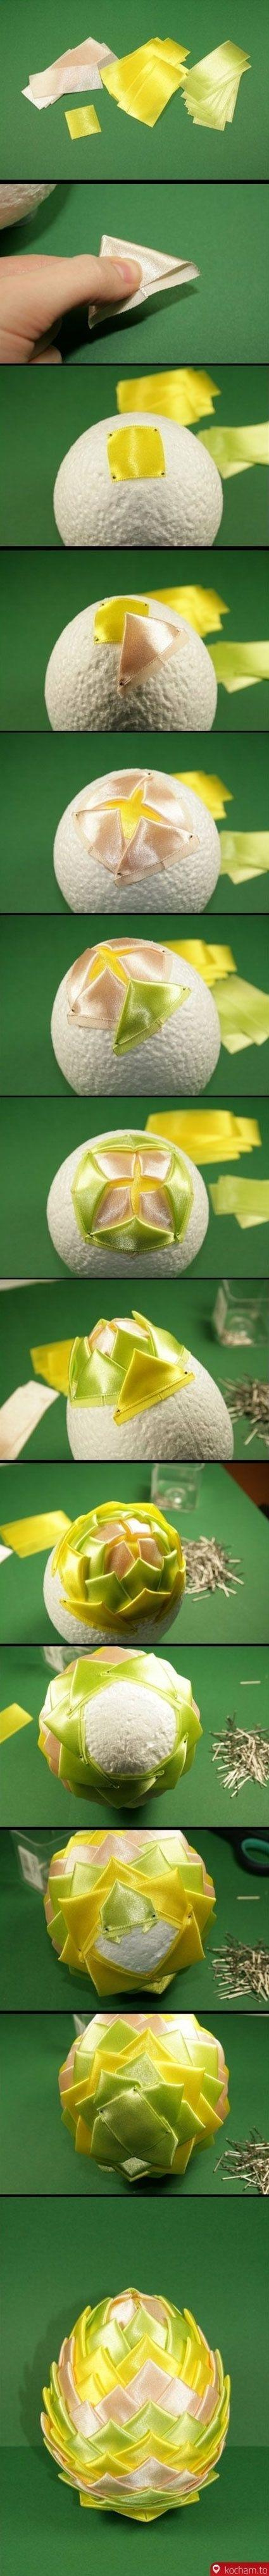 Cocottes réalisée avec des rubans